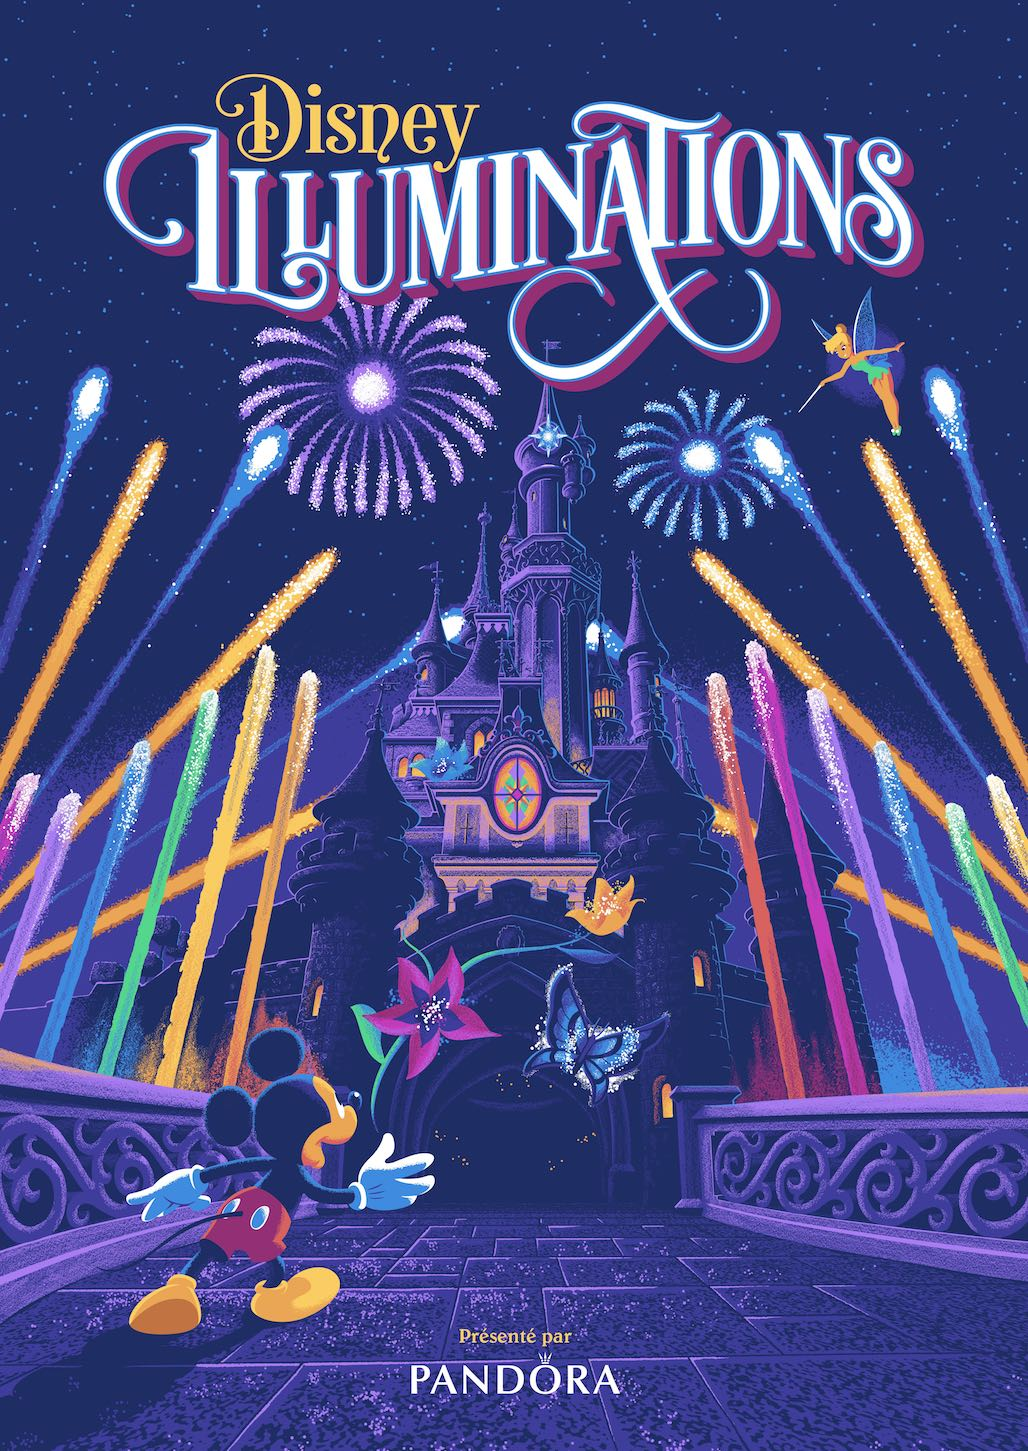 disney_illuminations_poster.jpg